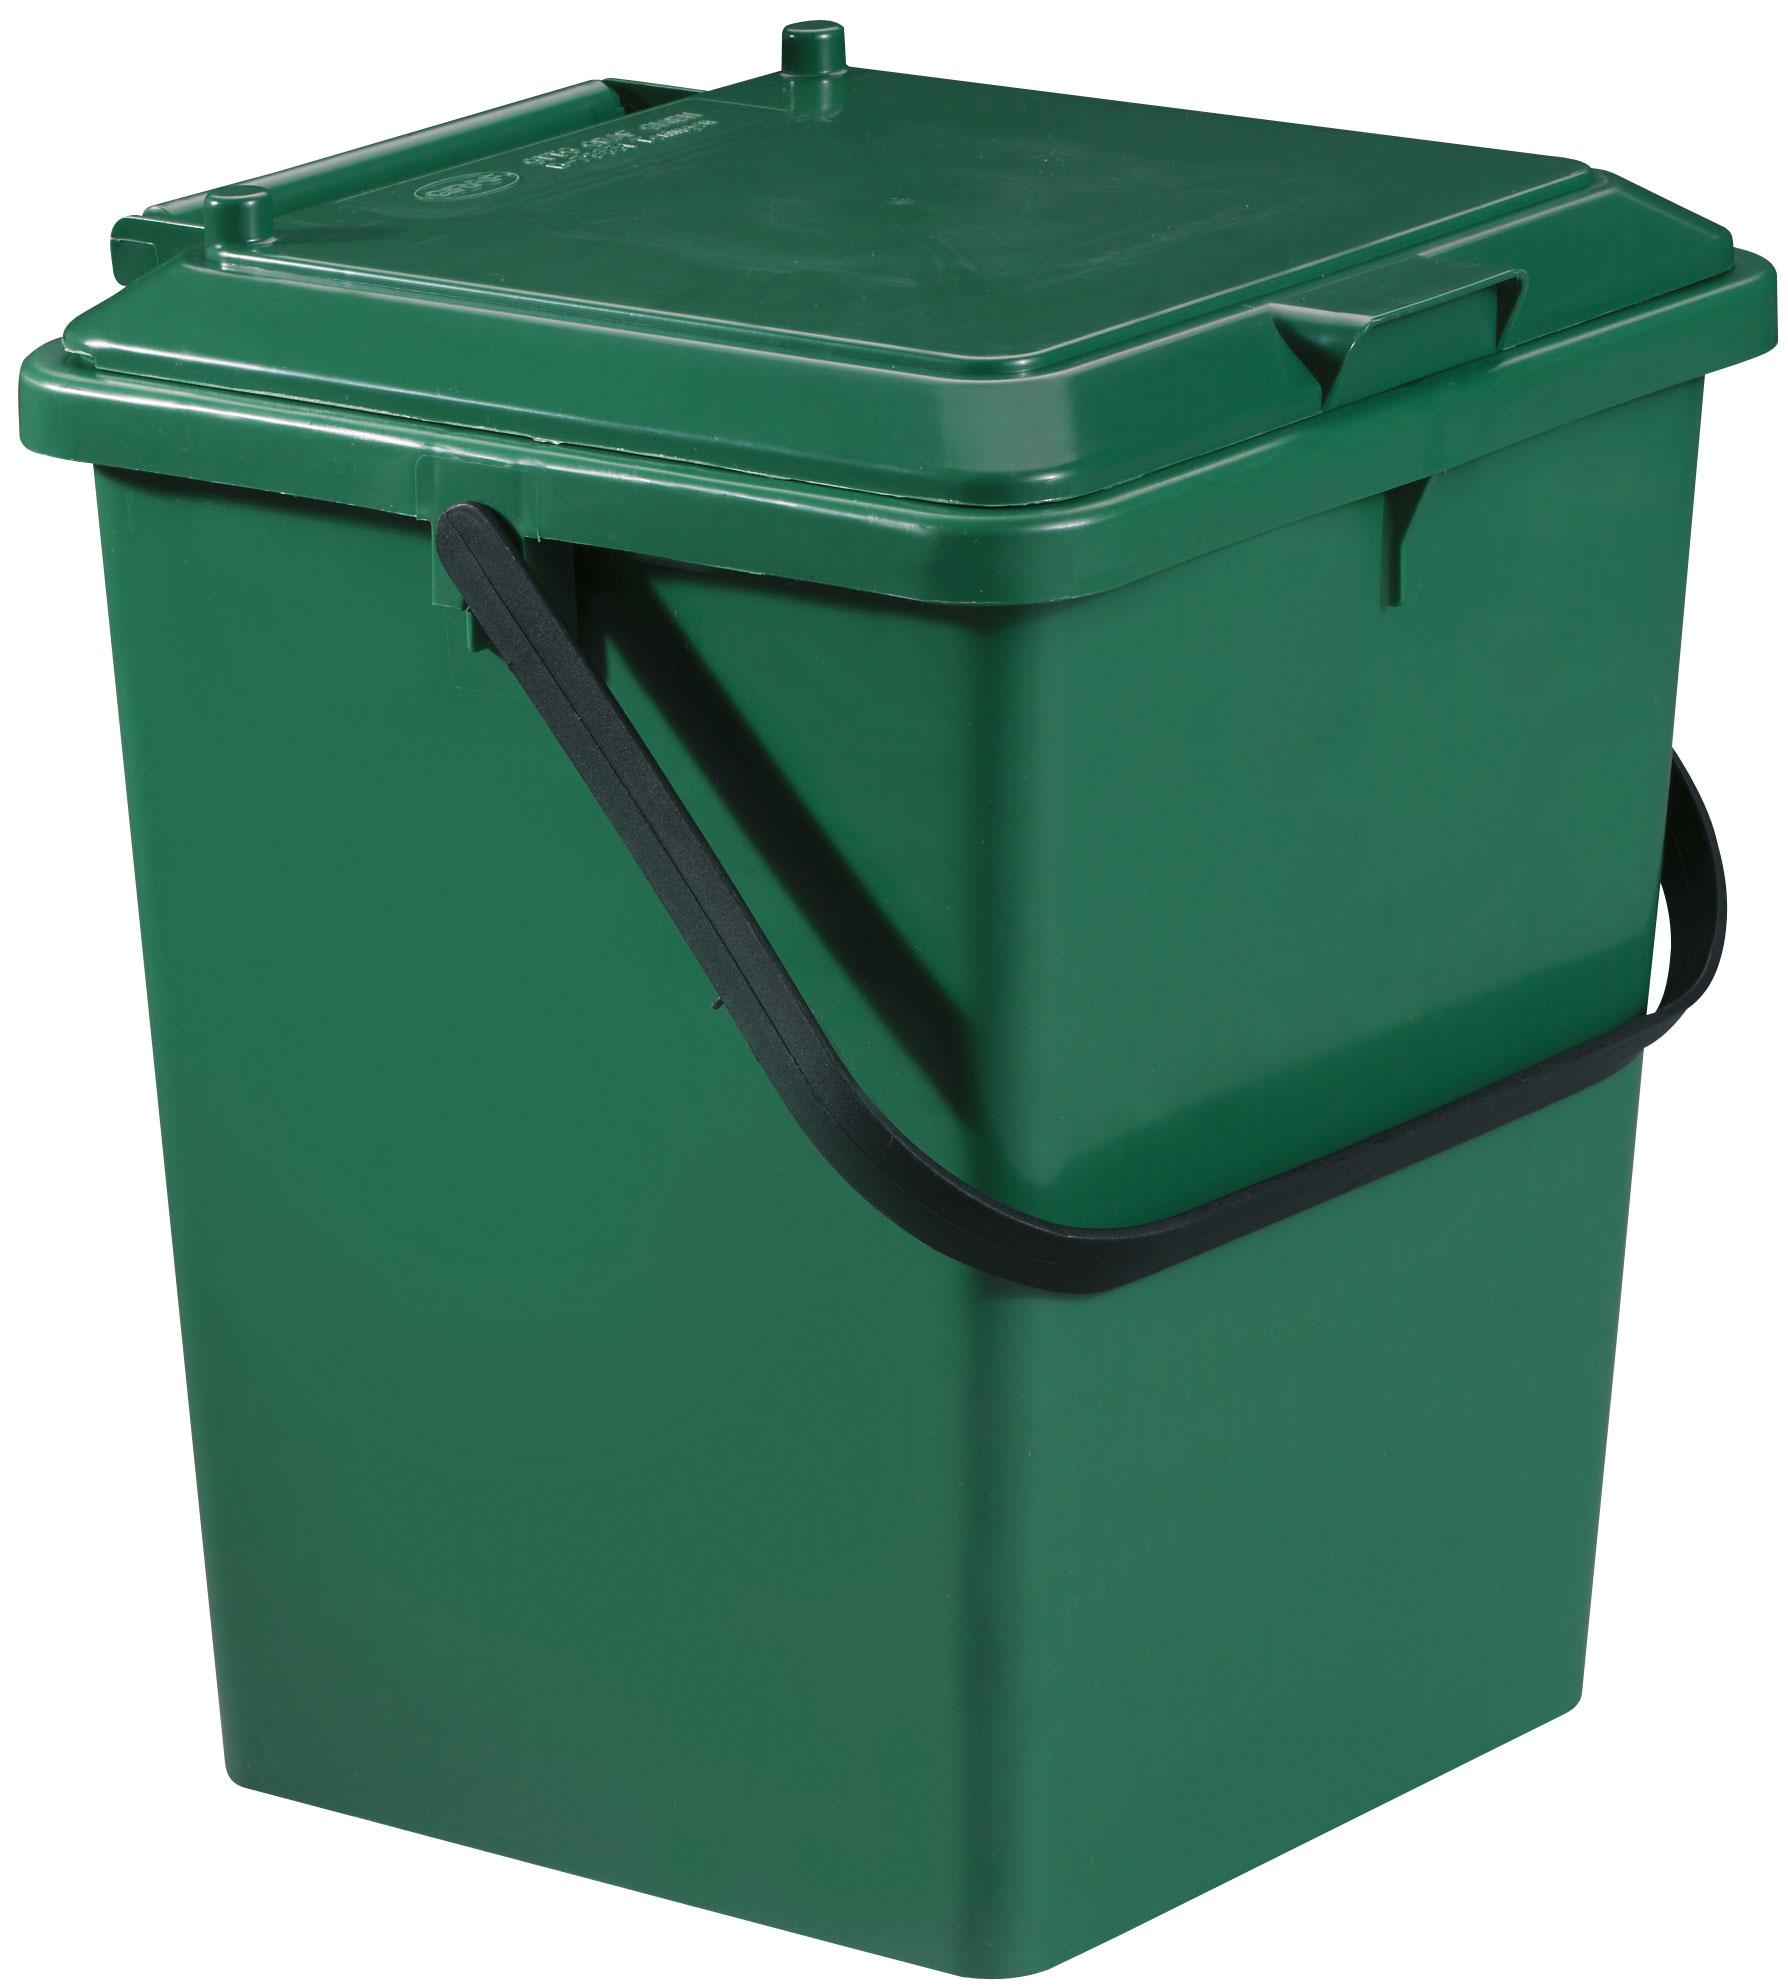 Komposteimer / Bio-Eimer grün stapelbar 10 Liter Graf 640030 Bild 1